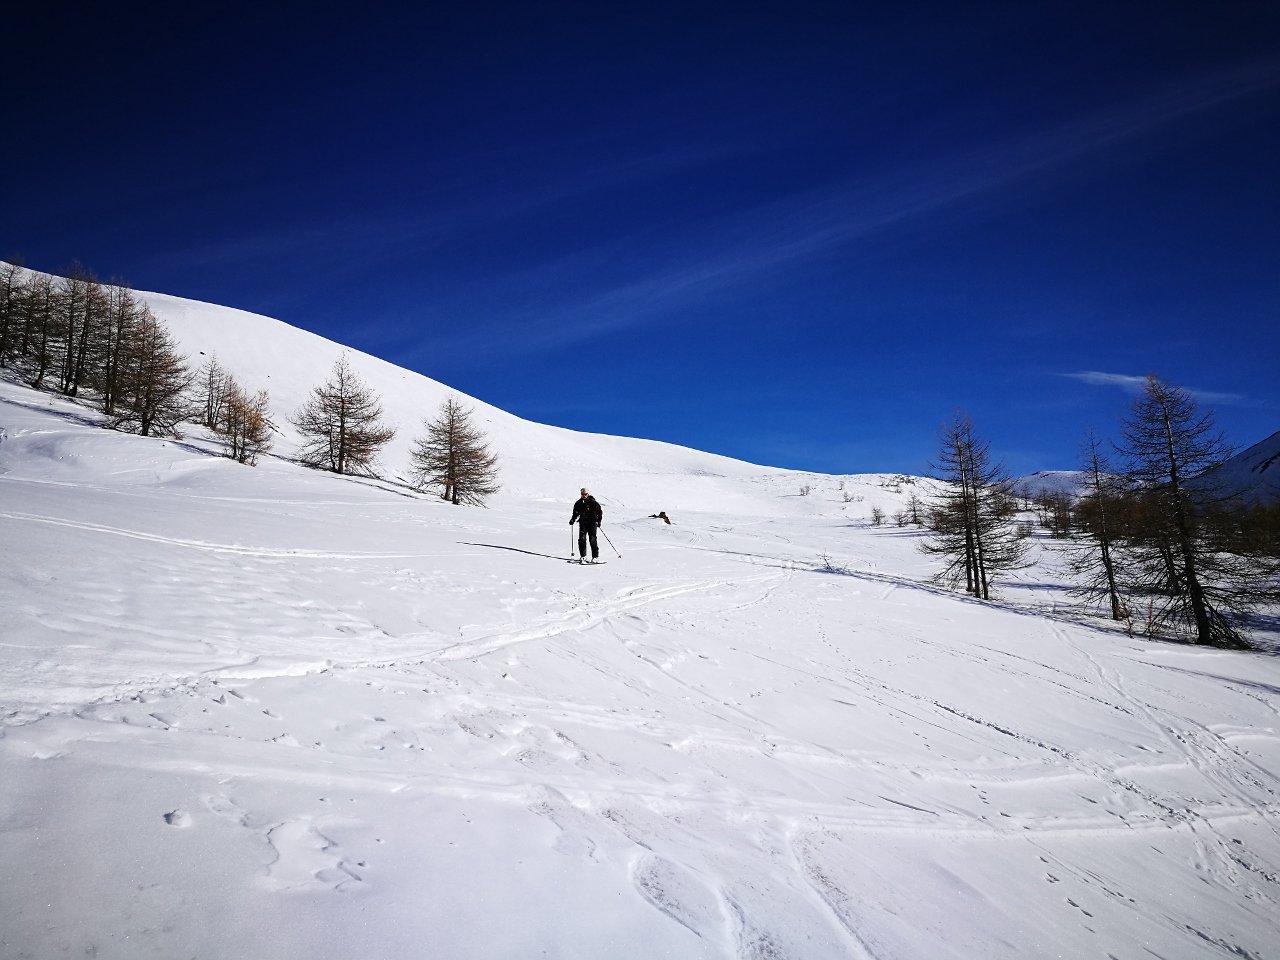 03 - scendendo su neve primaverile in basso